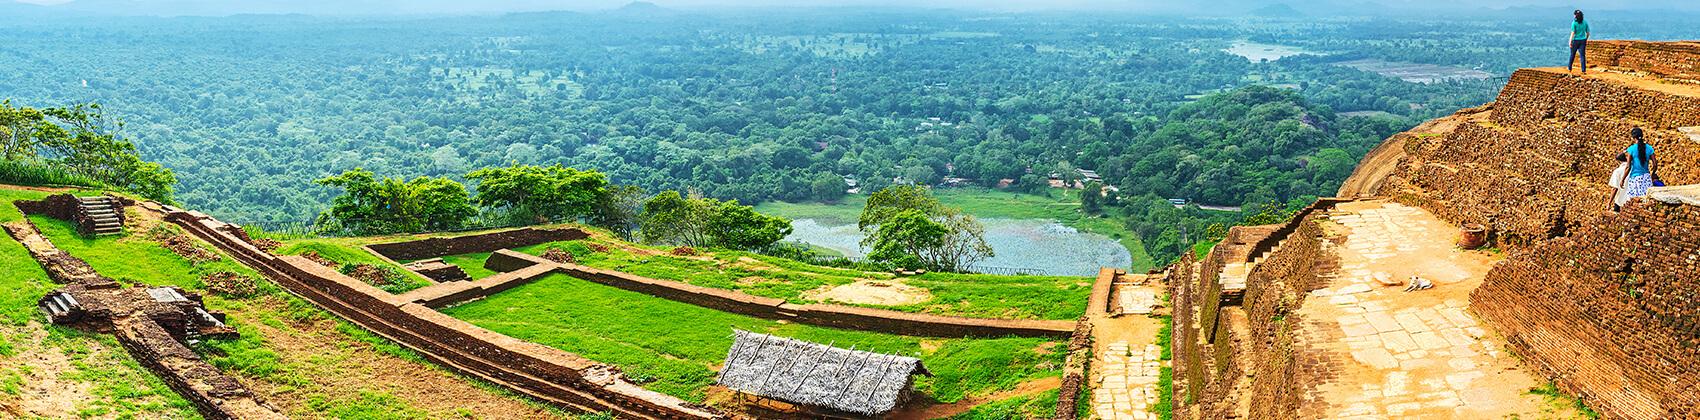 Travel Packages: Sri Lanka